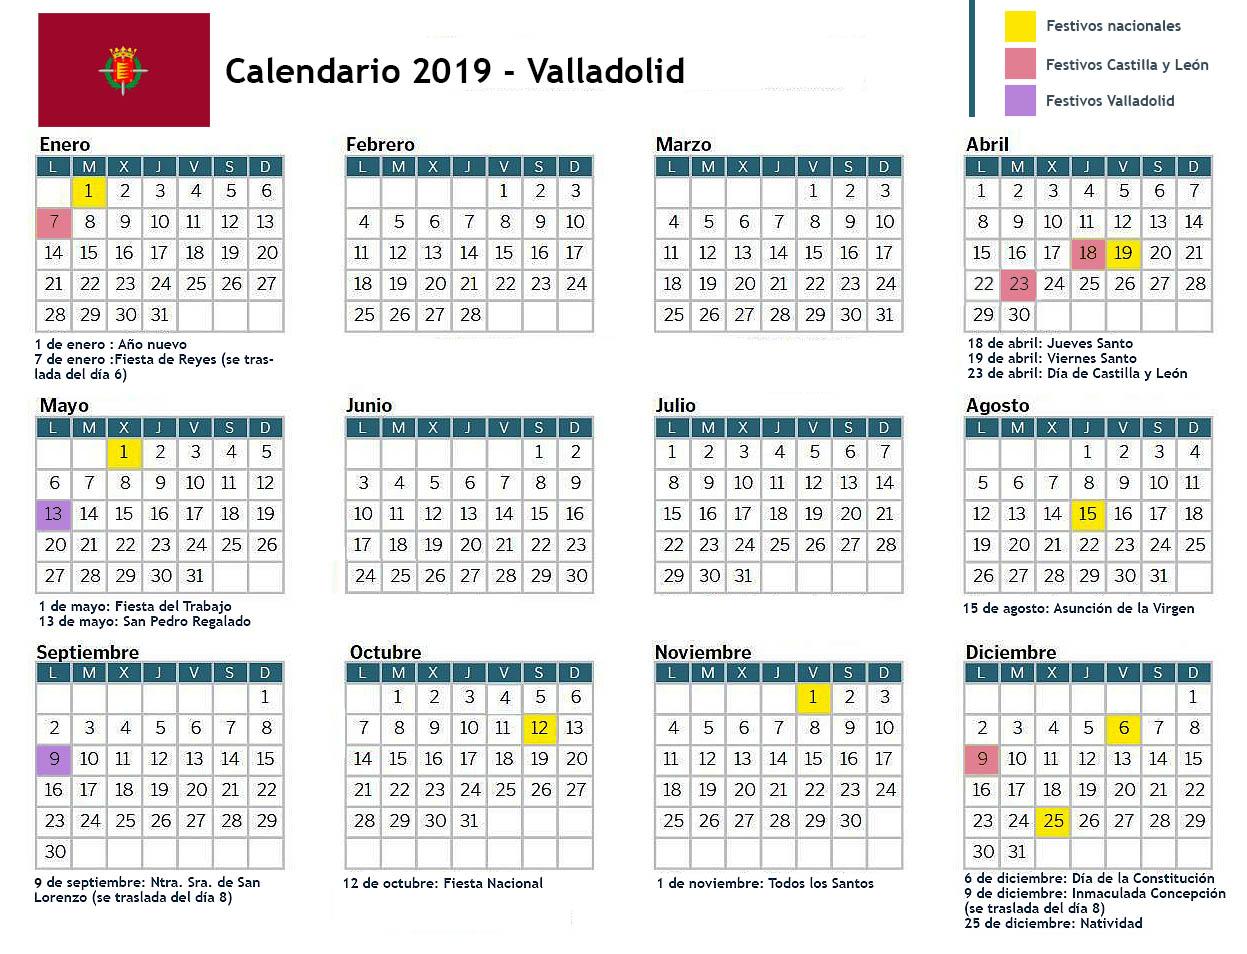 Calendario 2019 Castilla Y Leon.Domvs Pvcelae Calendario 2019 Valladolid